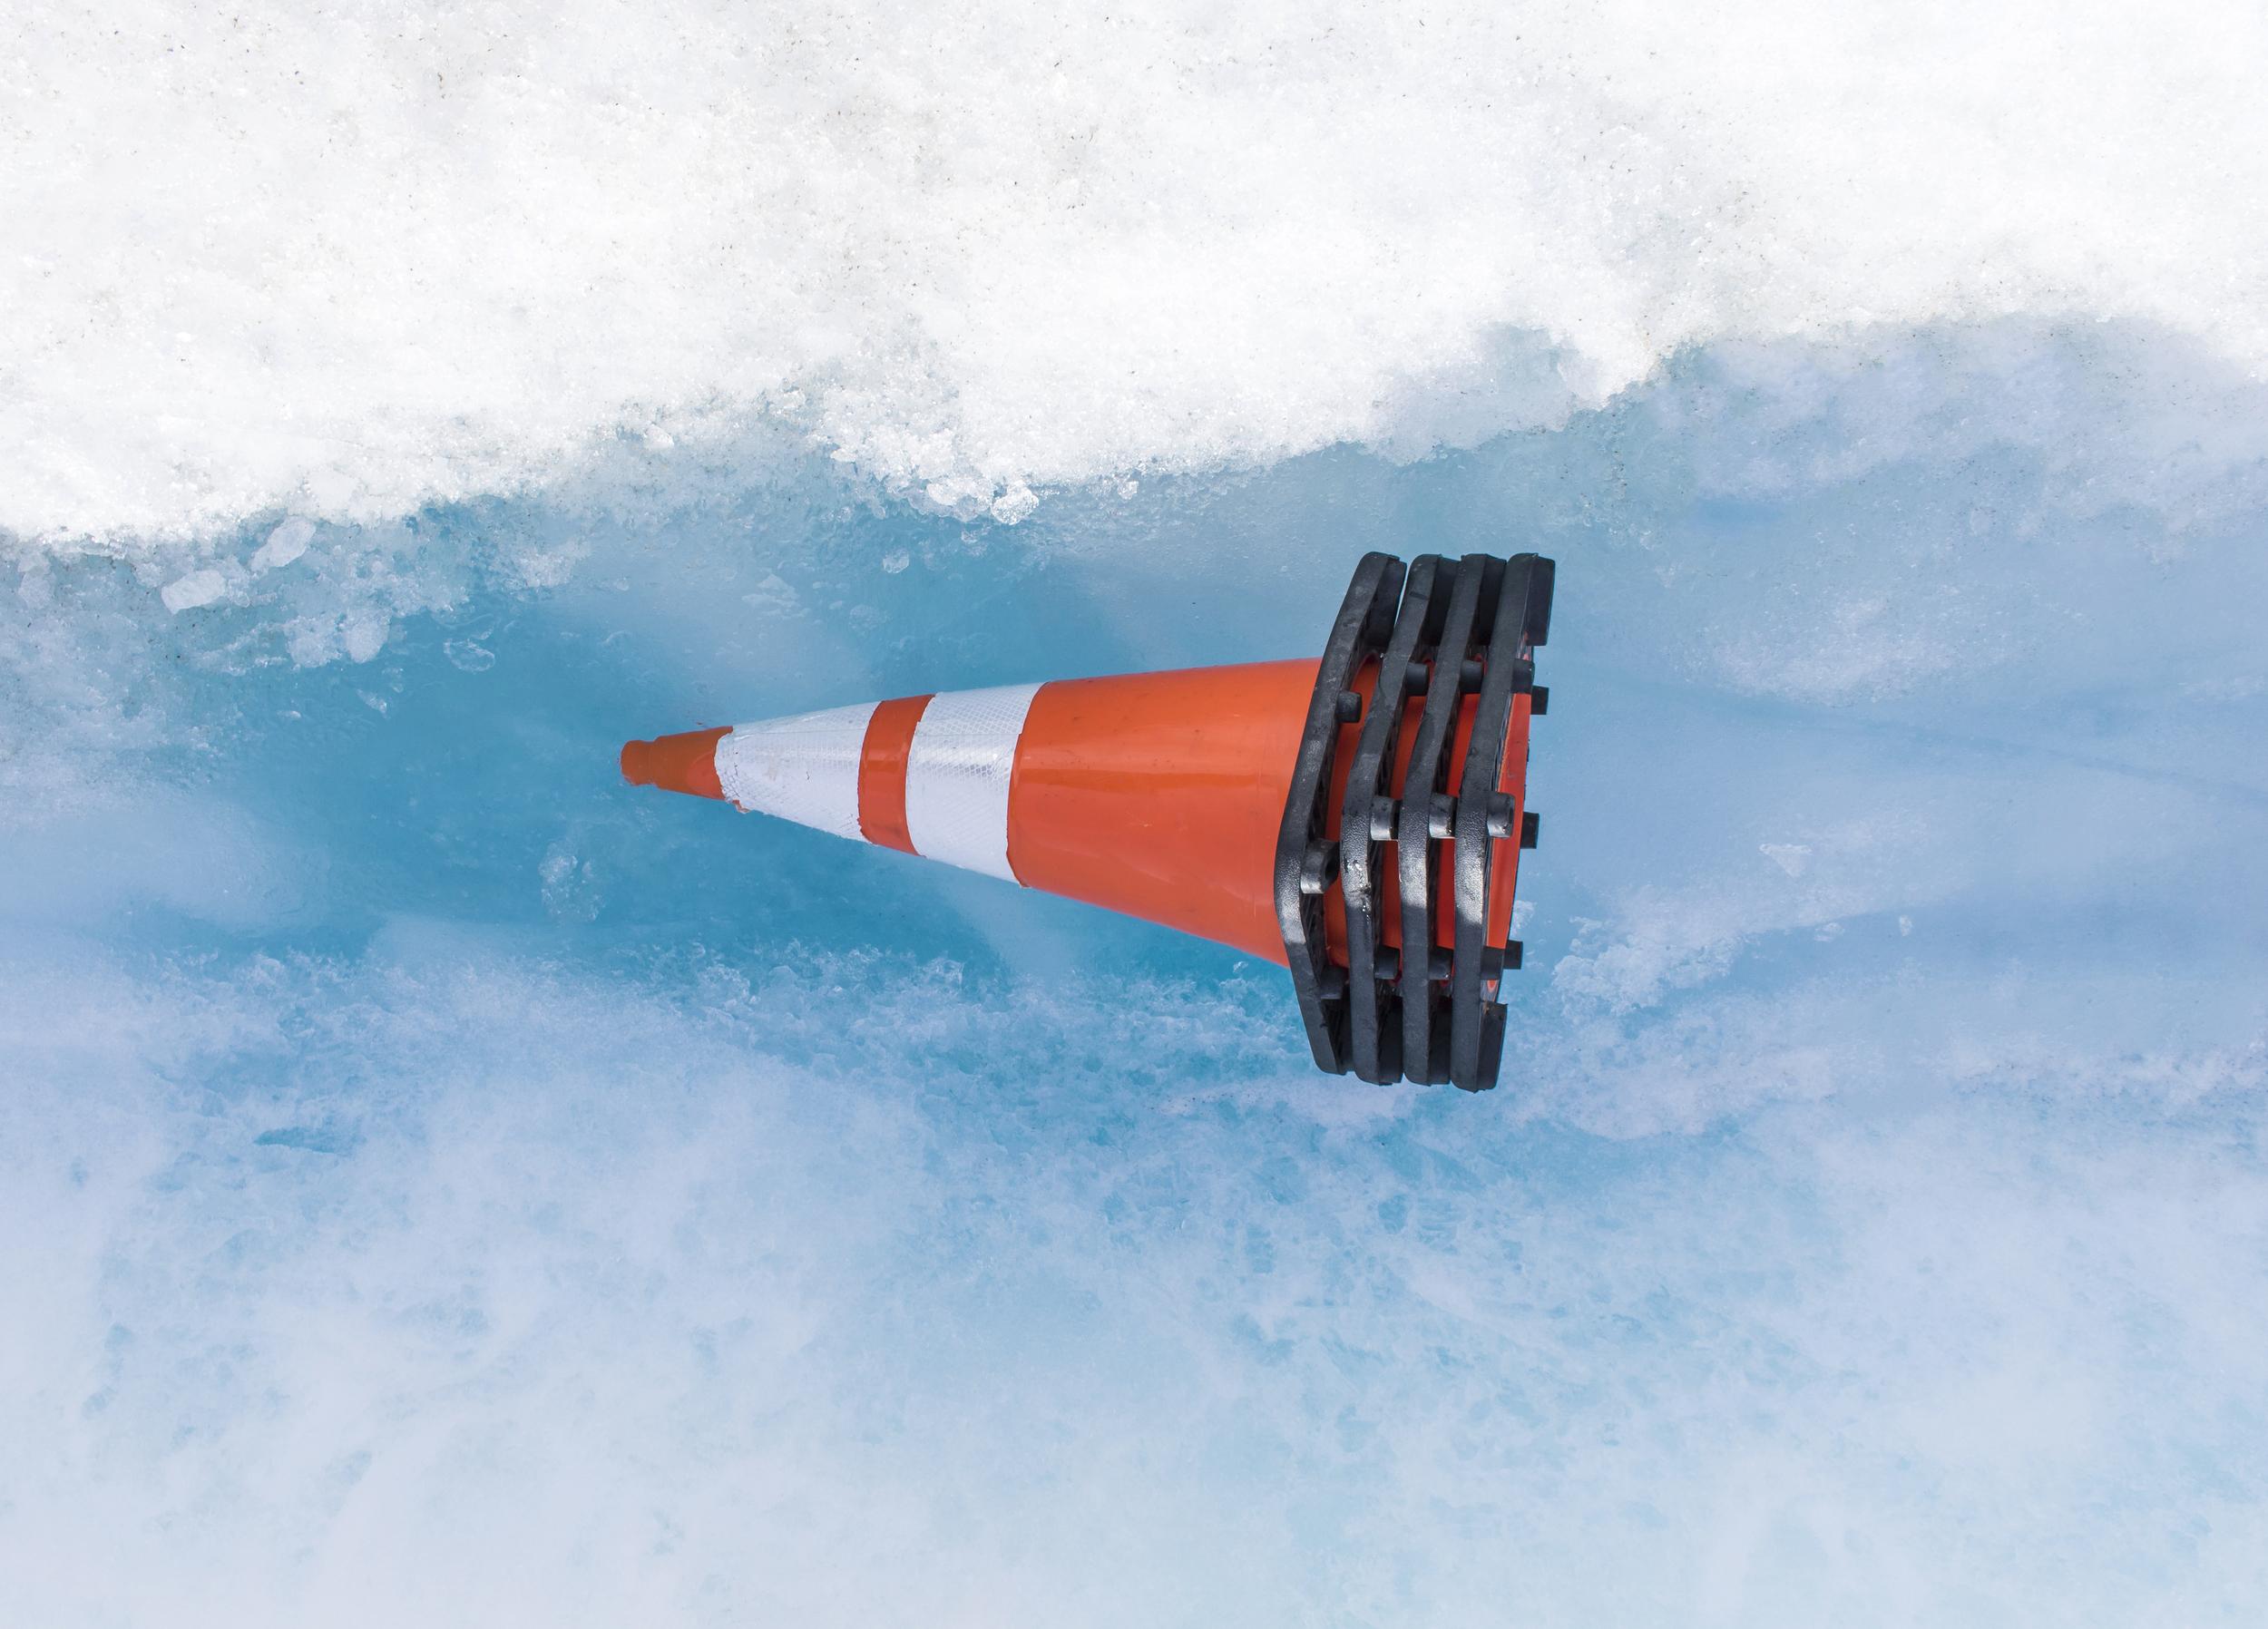 traffic cone on glacier floor